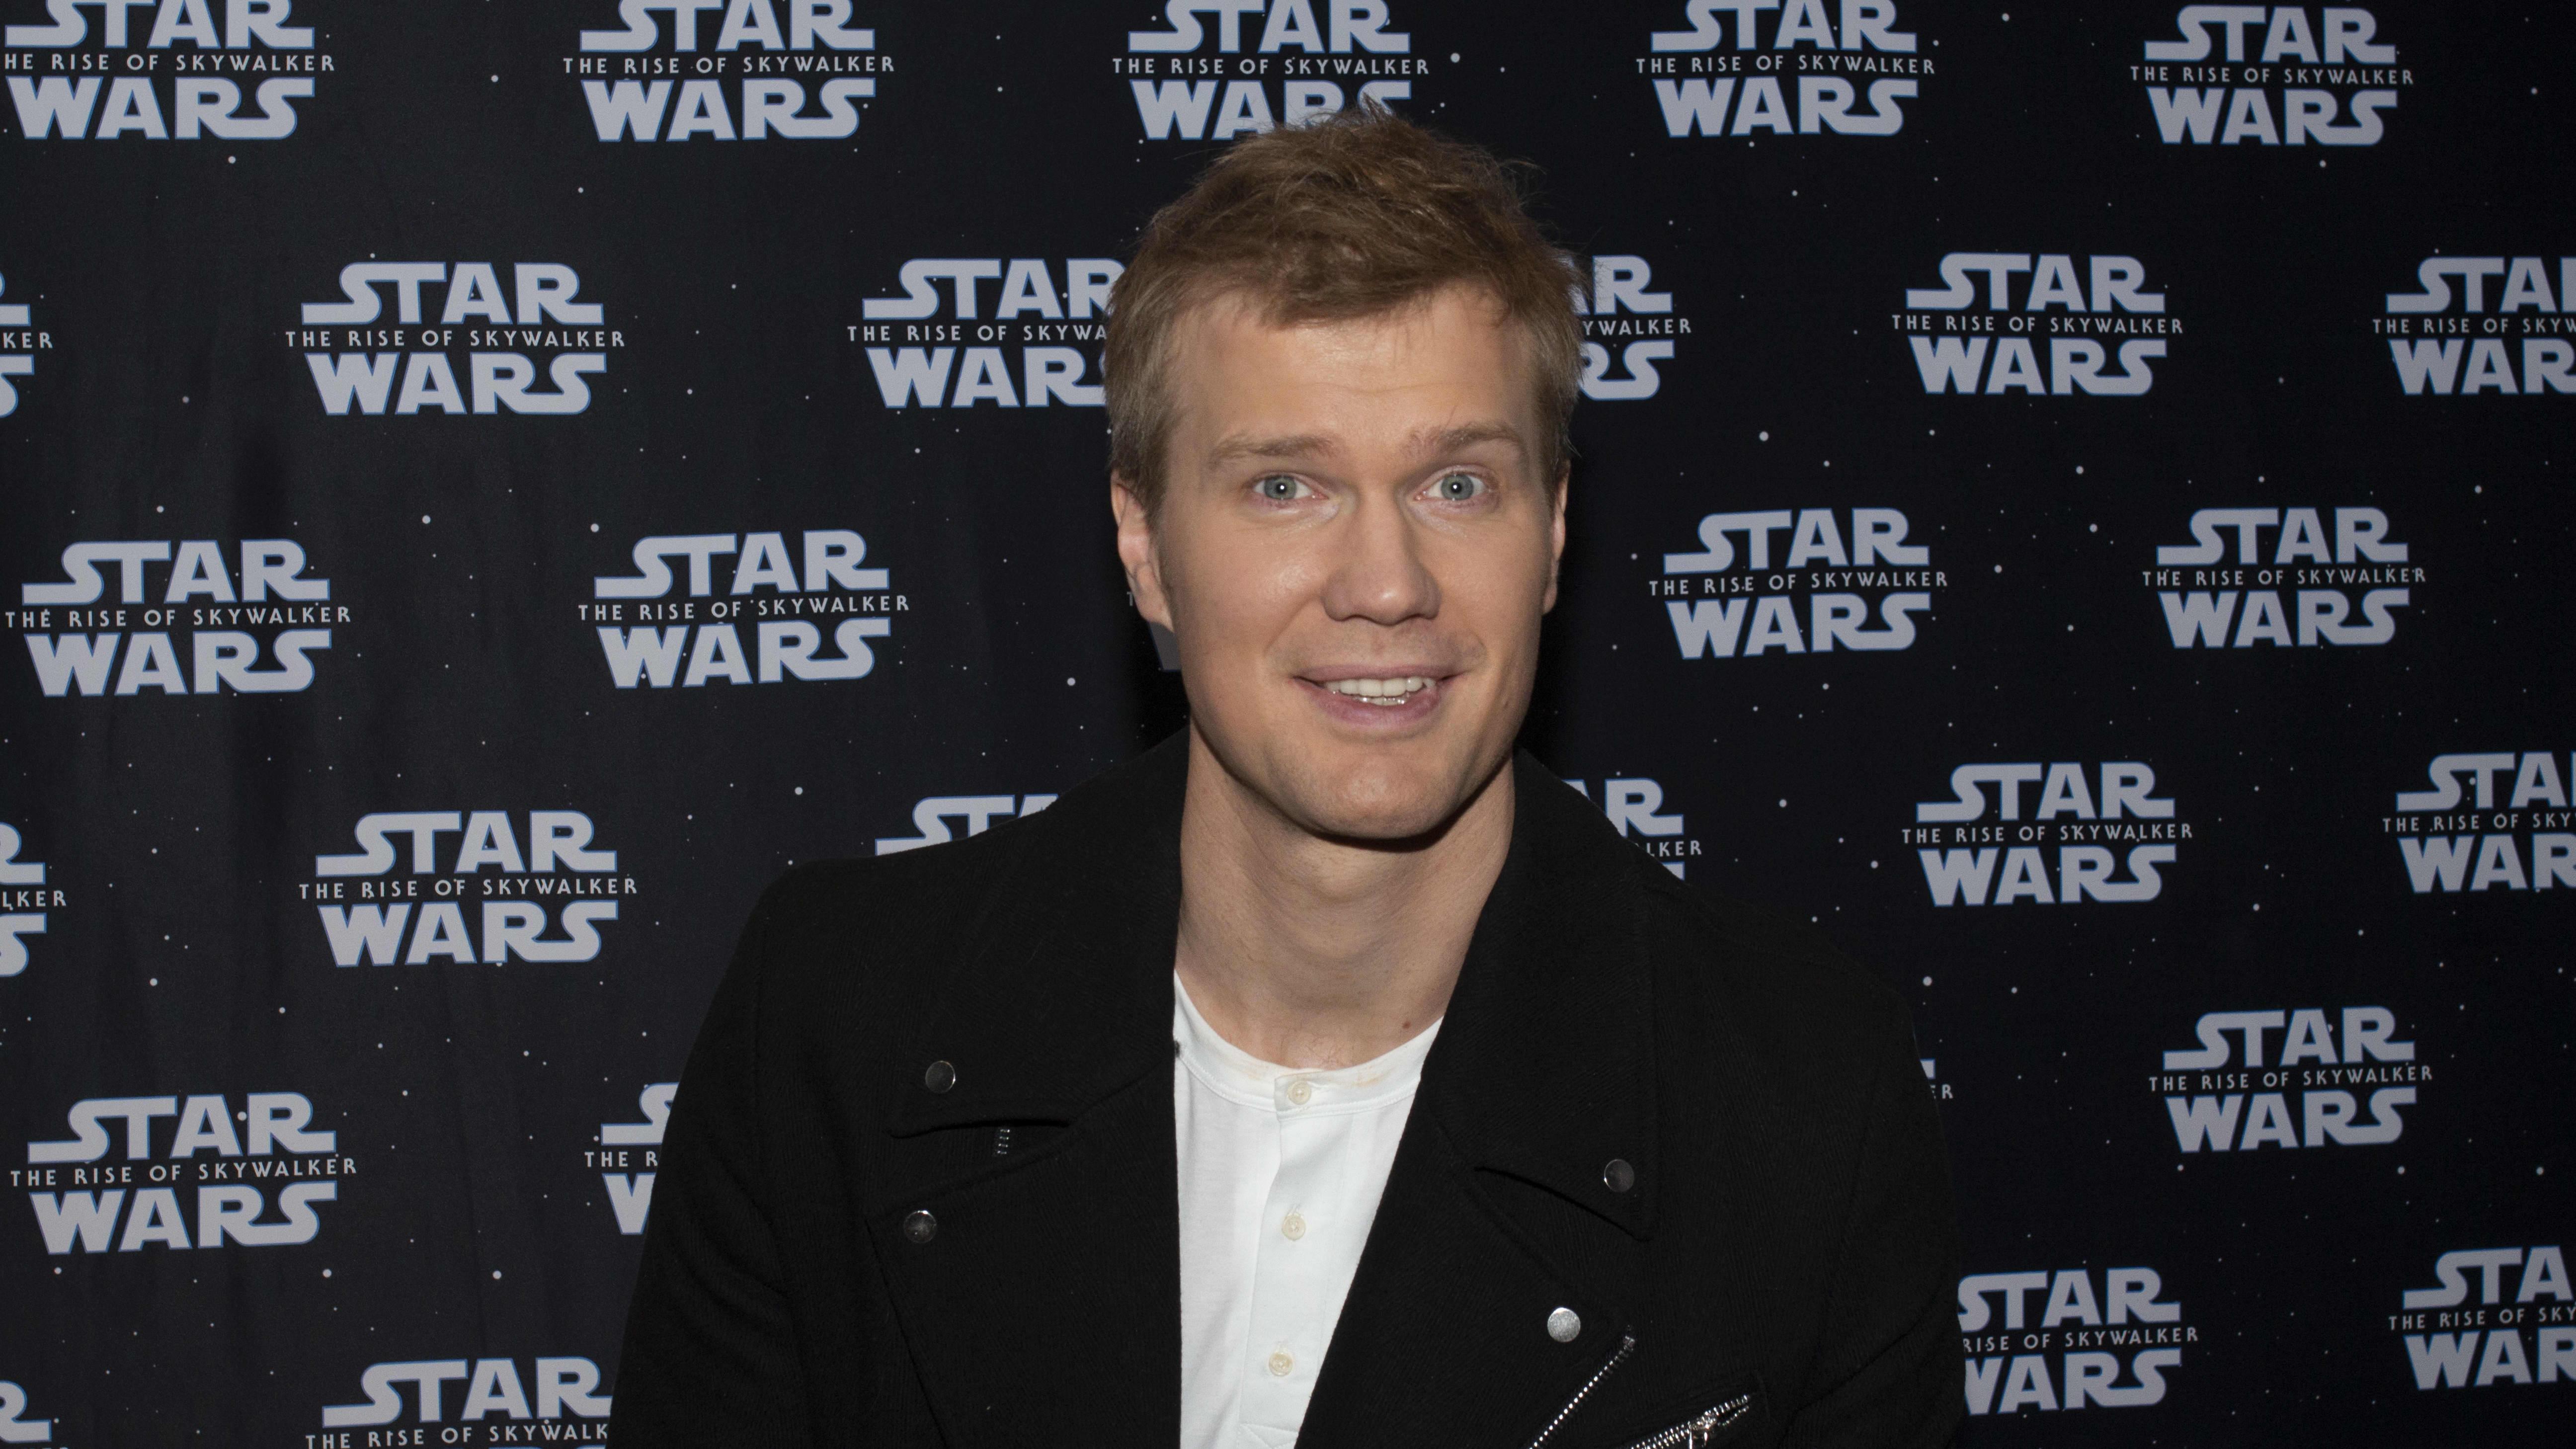 Katso video: Joonas Suotamo kertoo Chewbaccana, millainen uusi Tähtien sota -elokuva on.